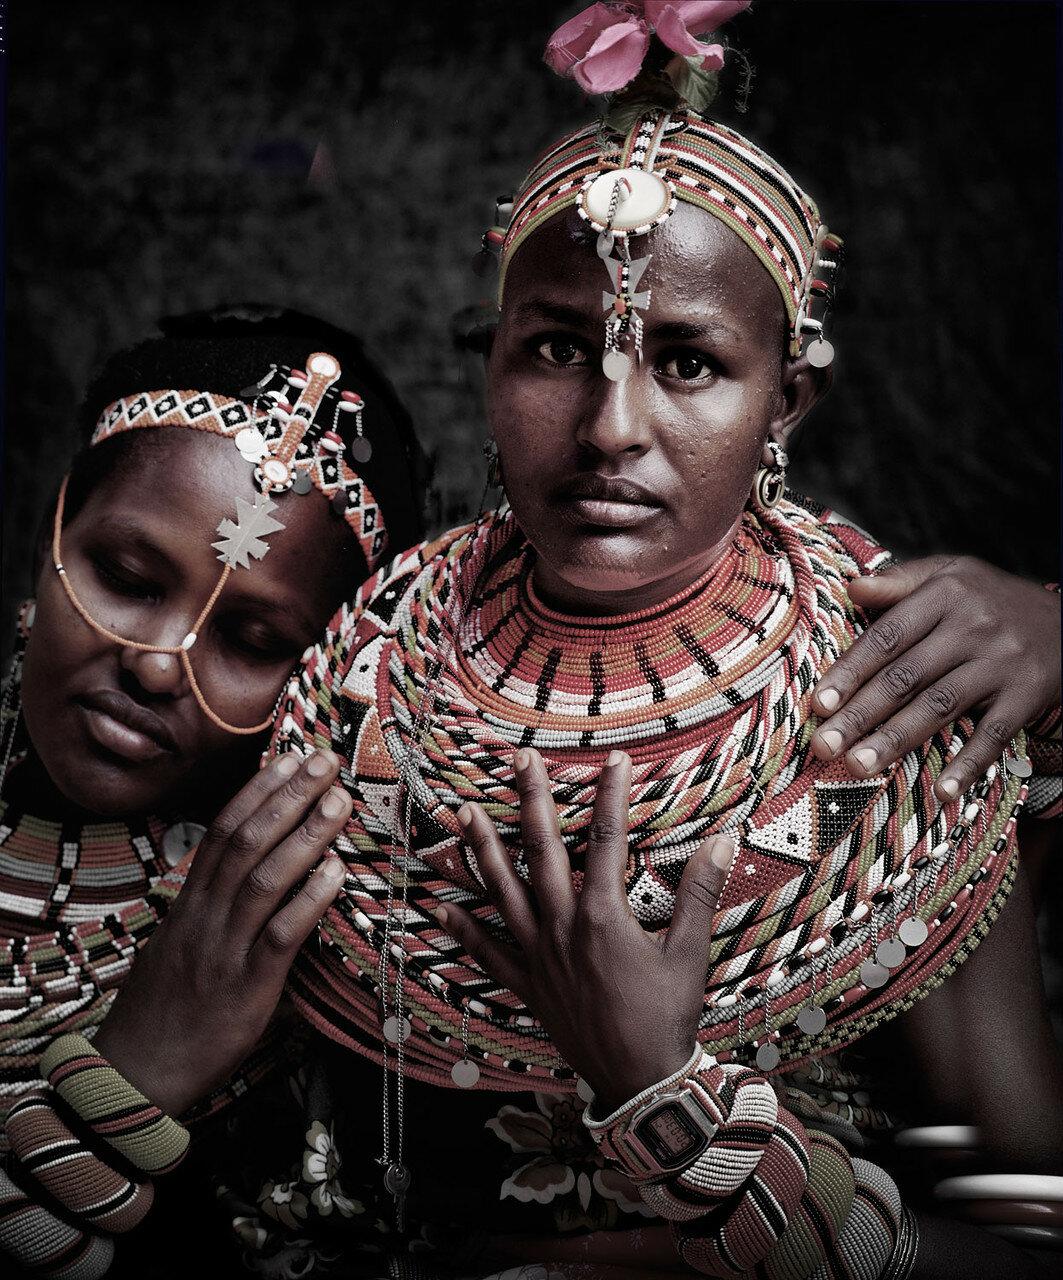 Джимми Нельсон. Проект «Пока они не исчезли». Кения. Народность Самбуру